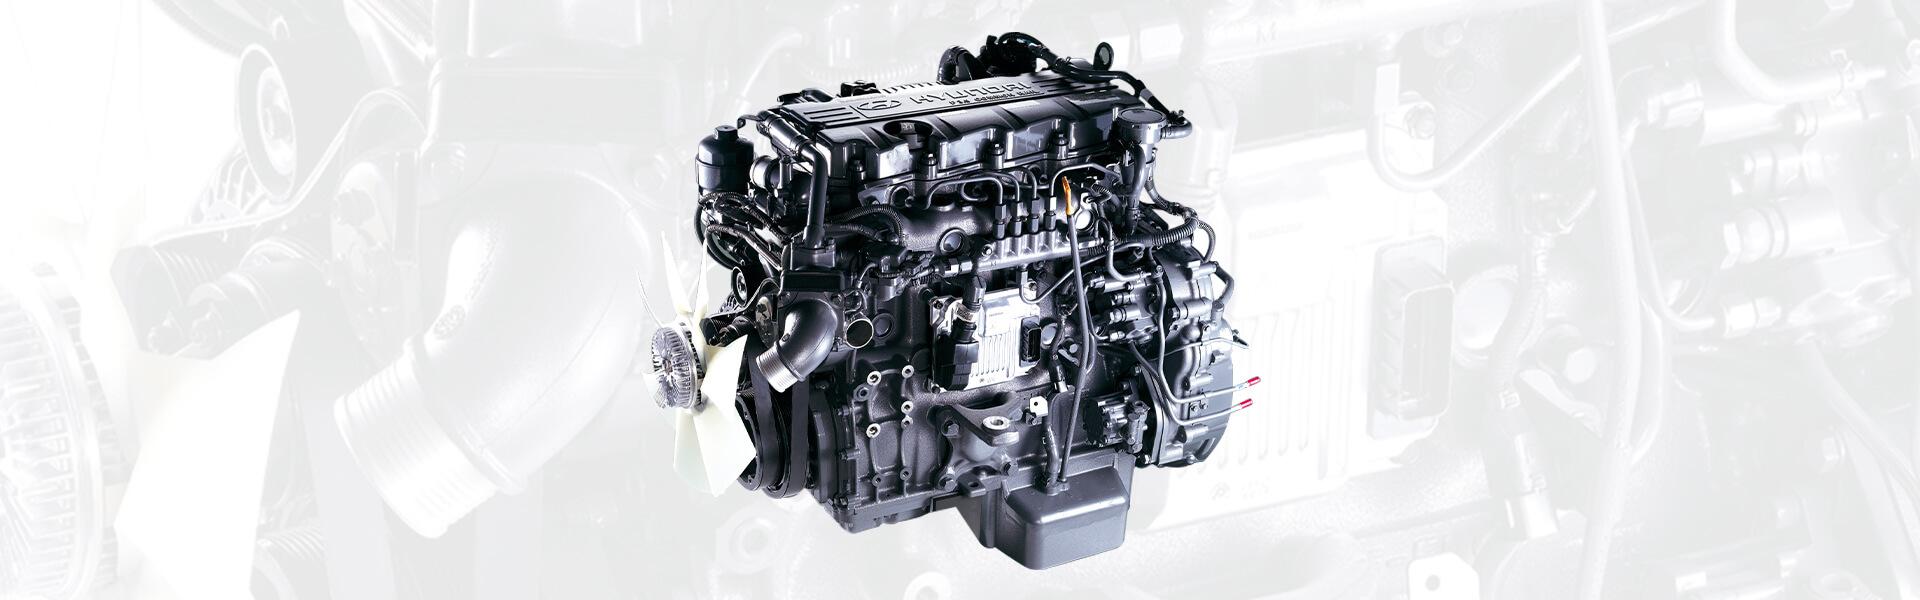 hyundaicamiones-motor-camiones